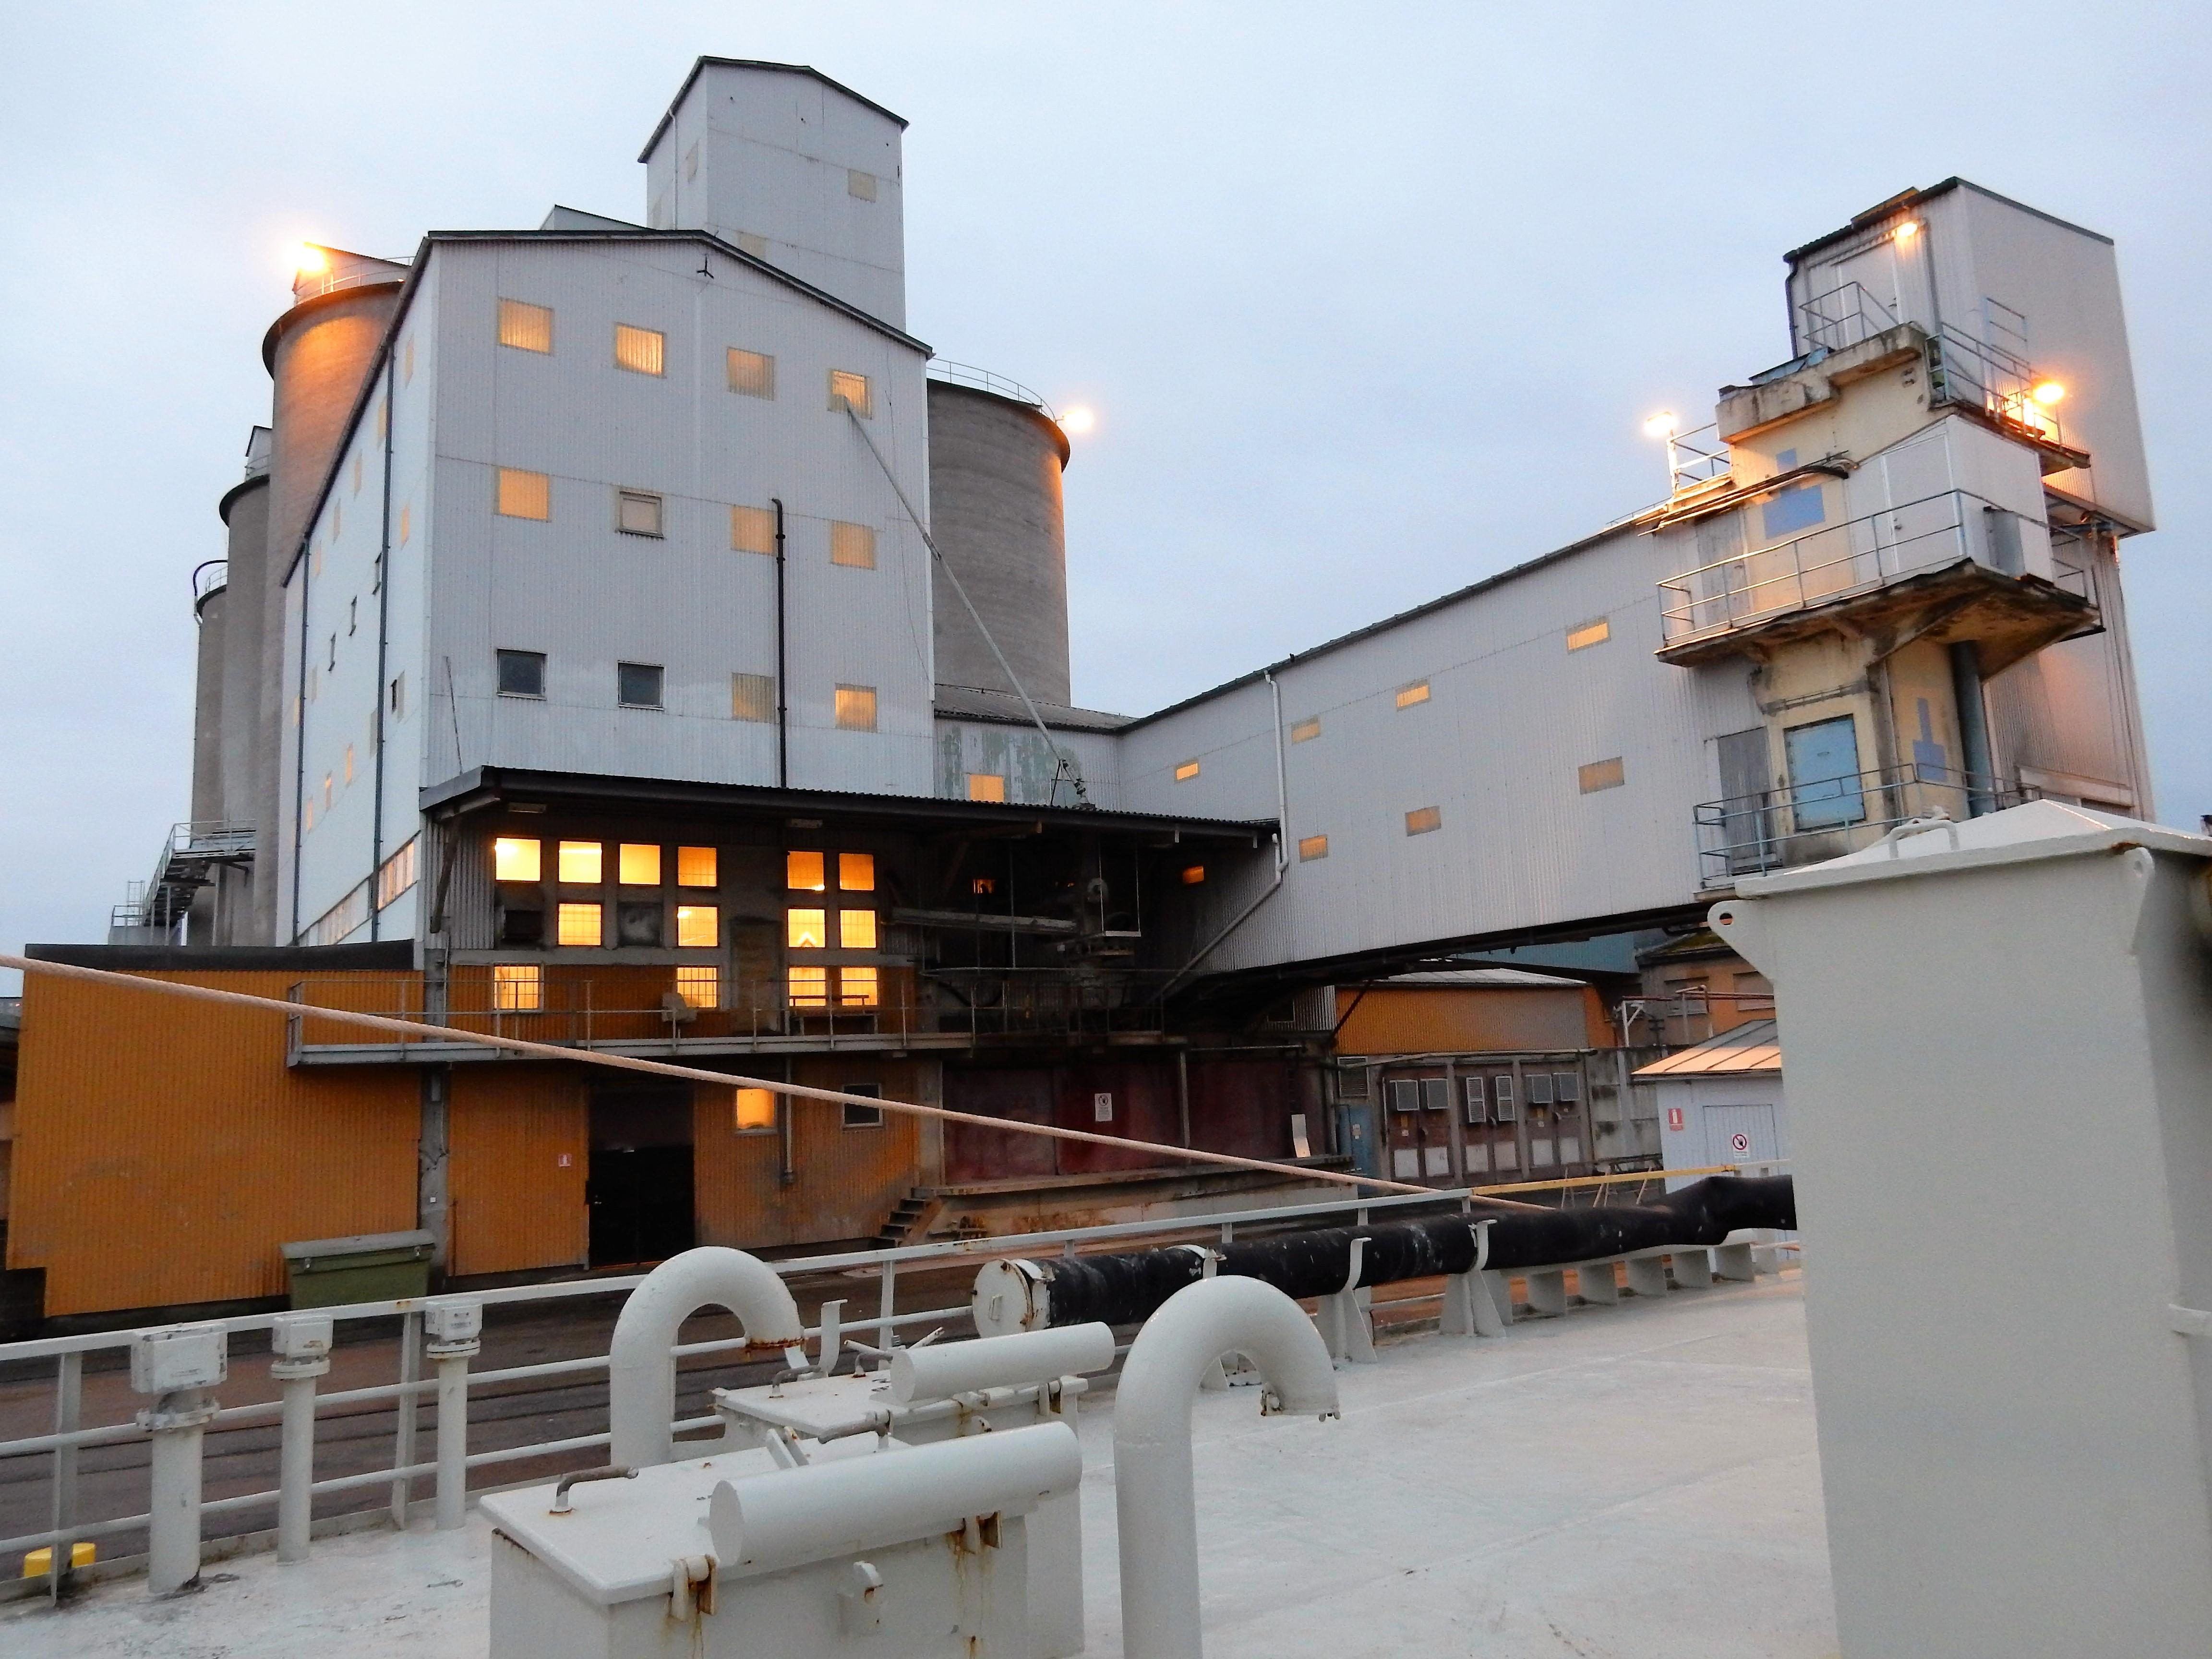 Cementfabriken sedd från båten